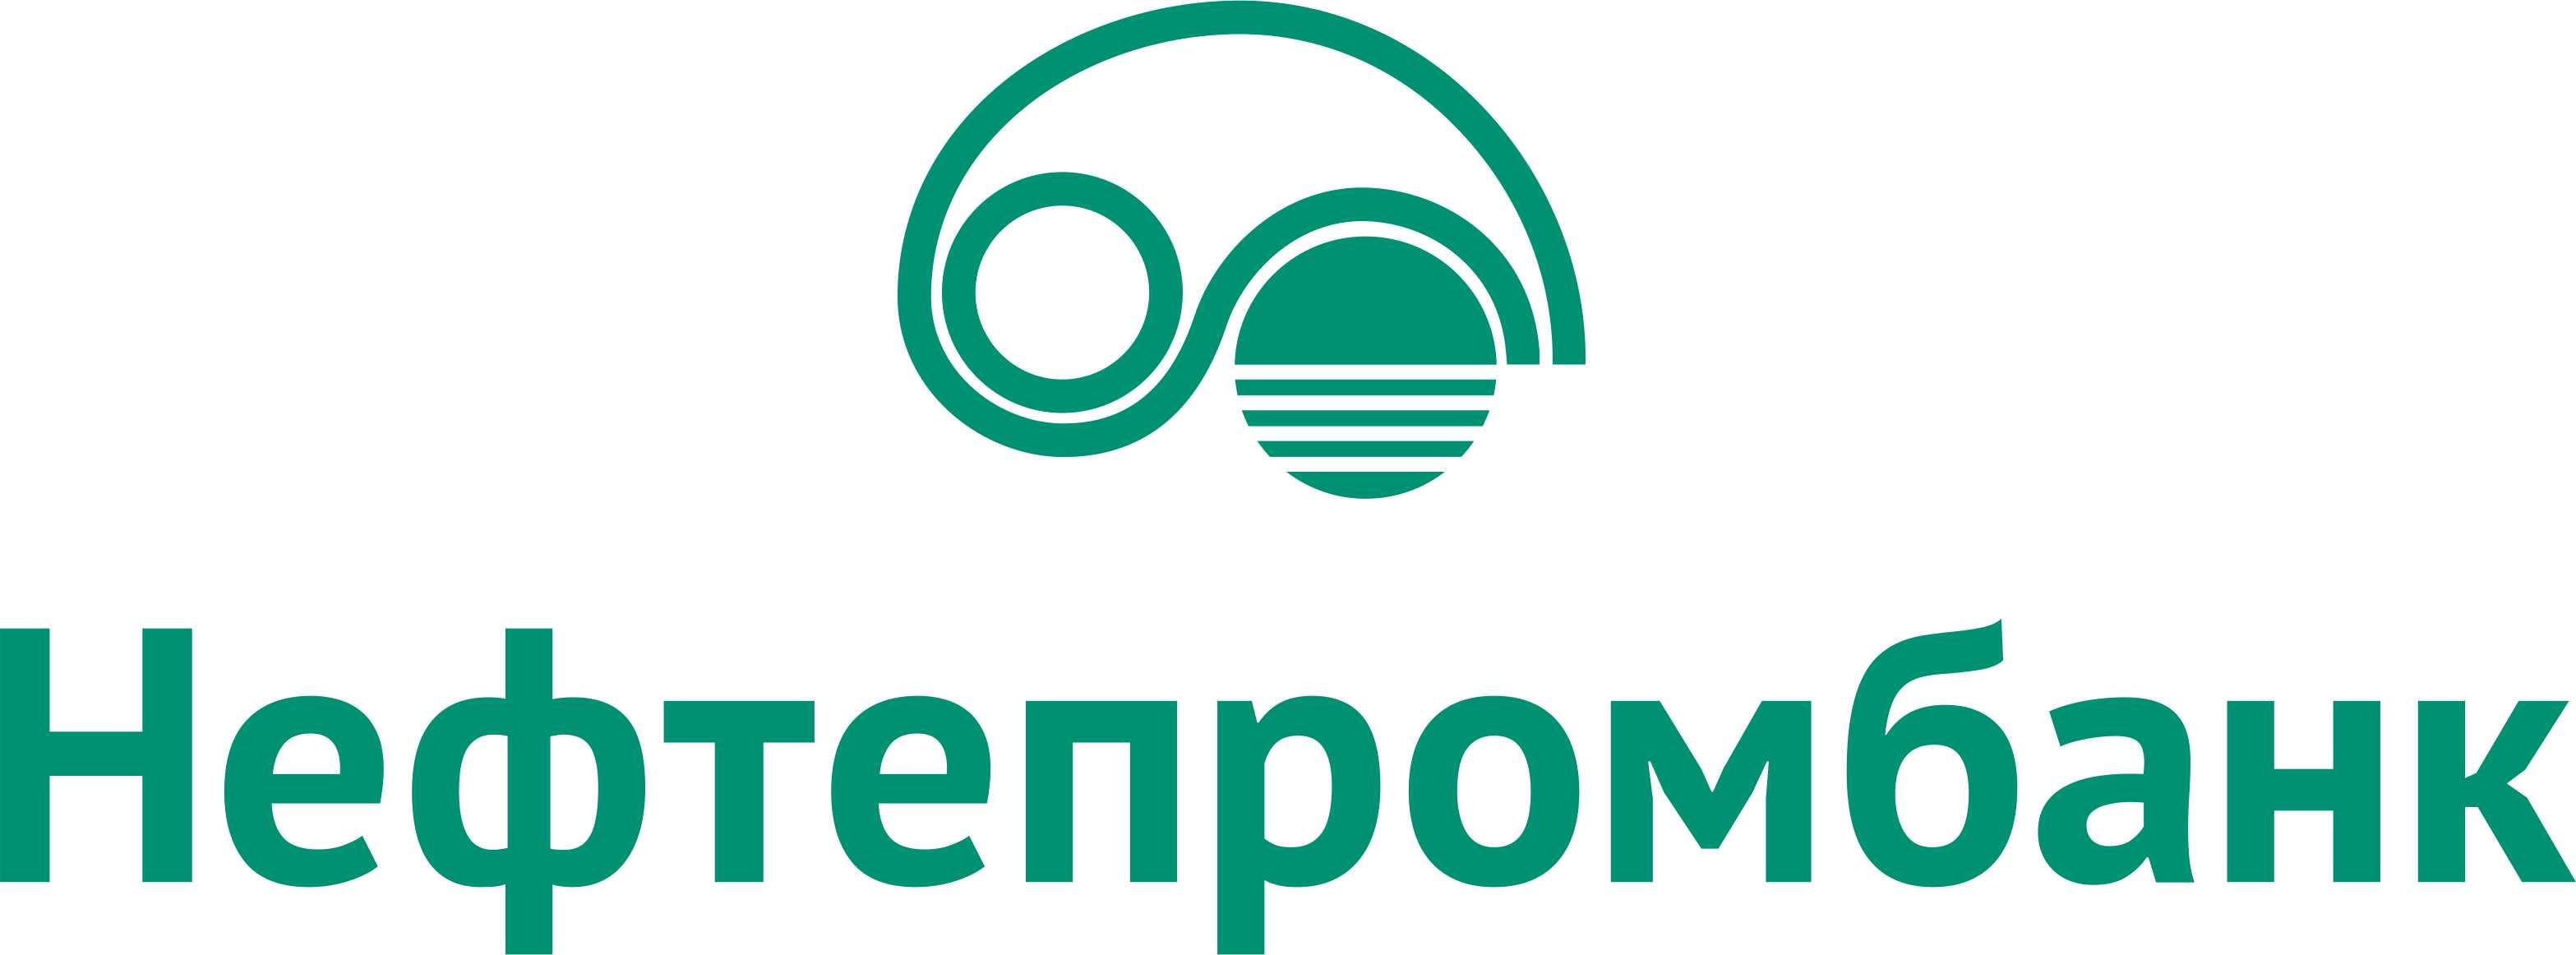 Nefteprombank logo